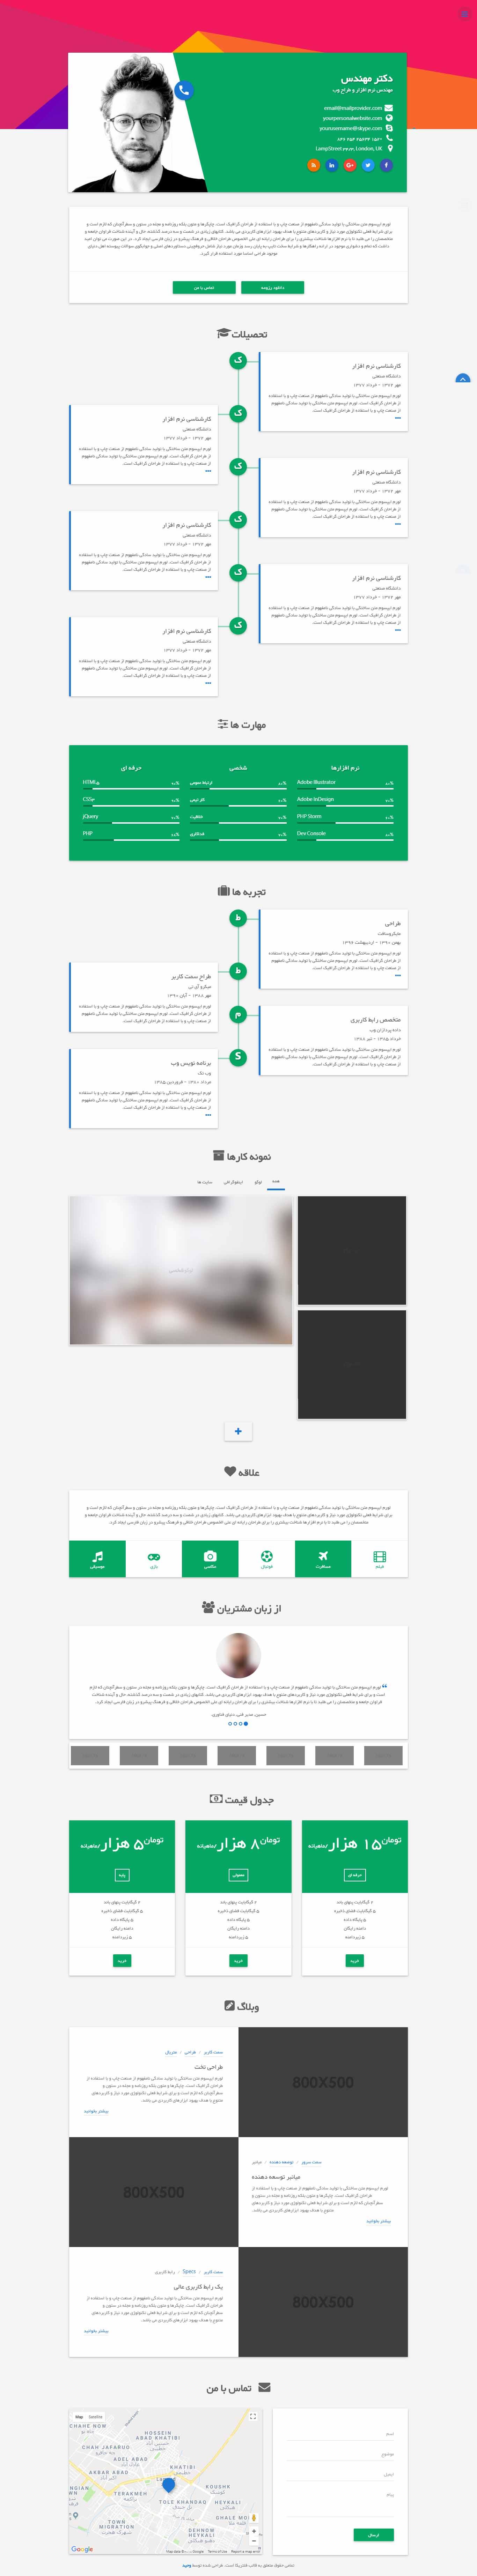 قالب flatrica | قالب شخصی فلتریکا | قالب html رزومه و شخصی فلتریکا